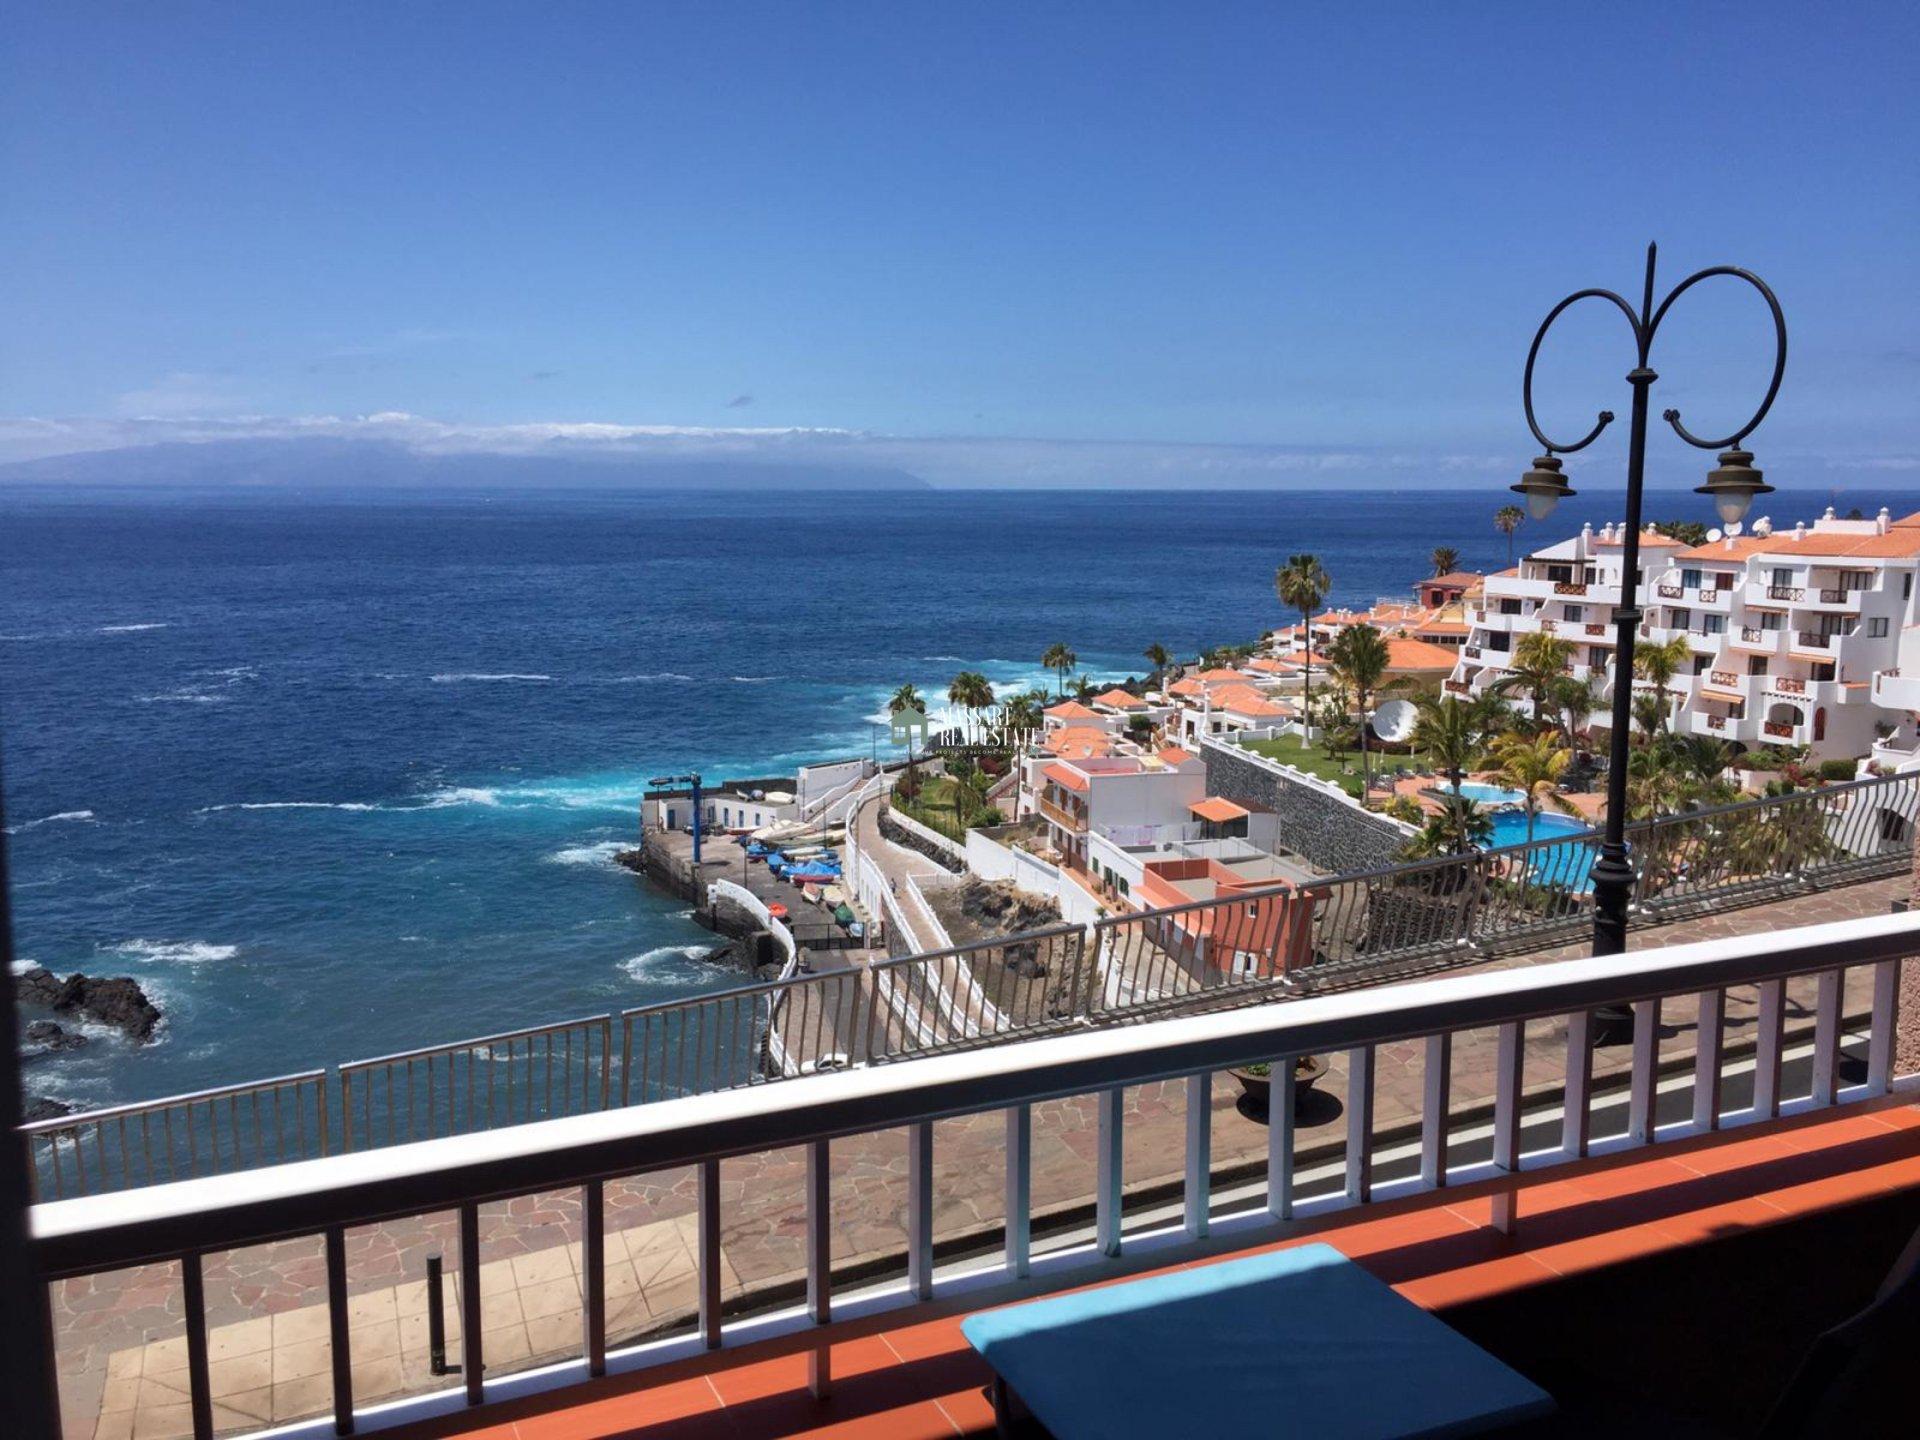 Appartement confortable de 48 m2 situé à Puerto Santiago et caractérisé par une vue directe sur la mer… quel privilège!